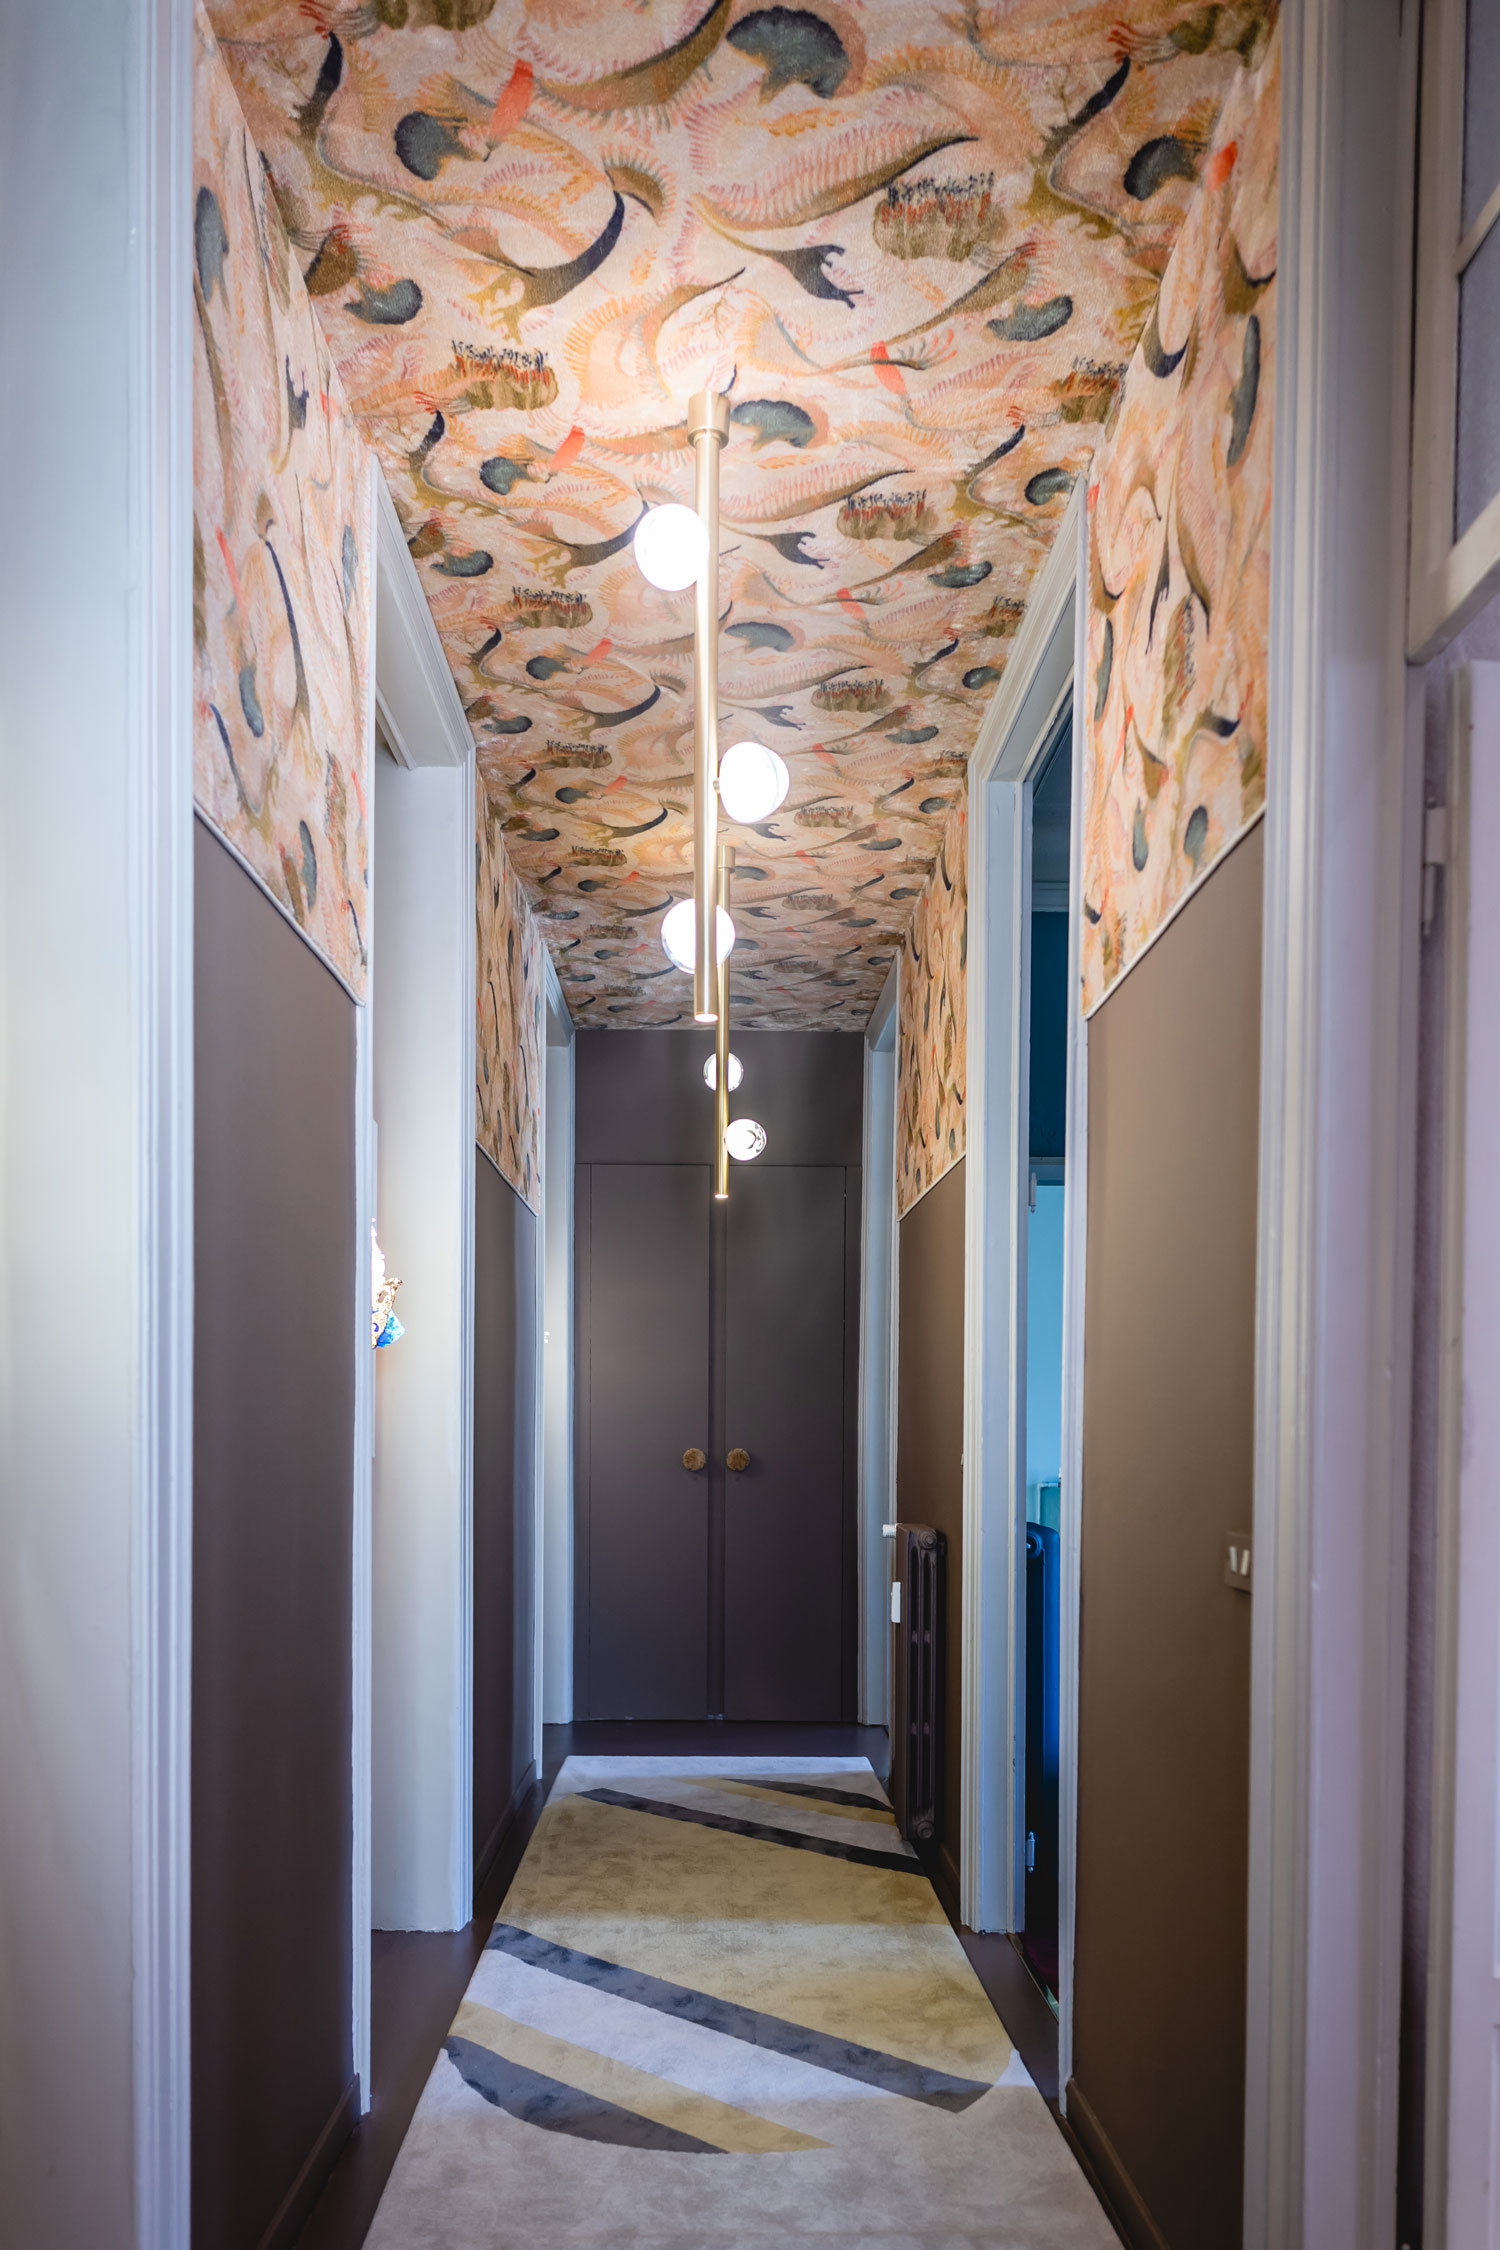 Interior design trends for 2020 - Carpet Flooring interior trend - Authentic Interior design studio & blog www.authenticinterior.com